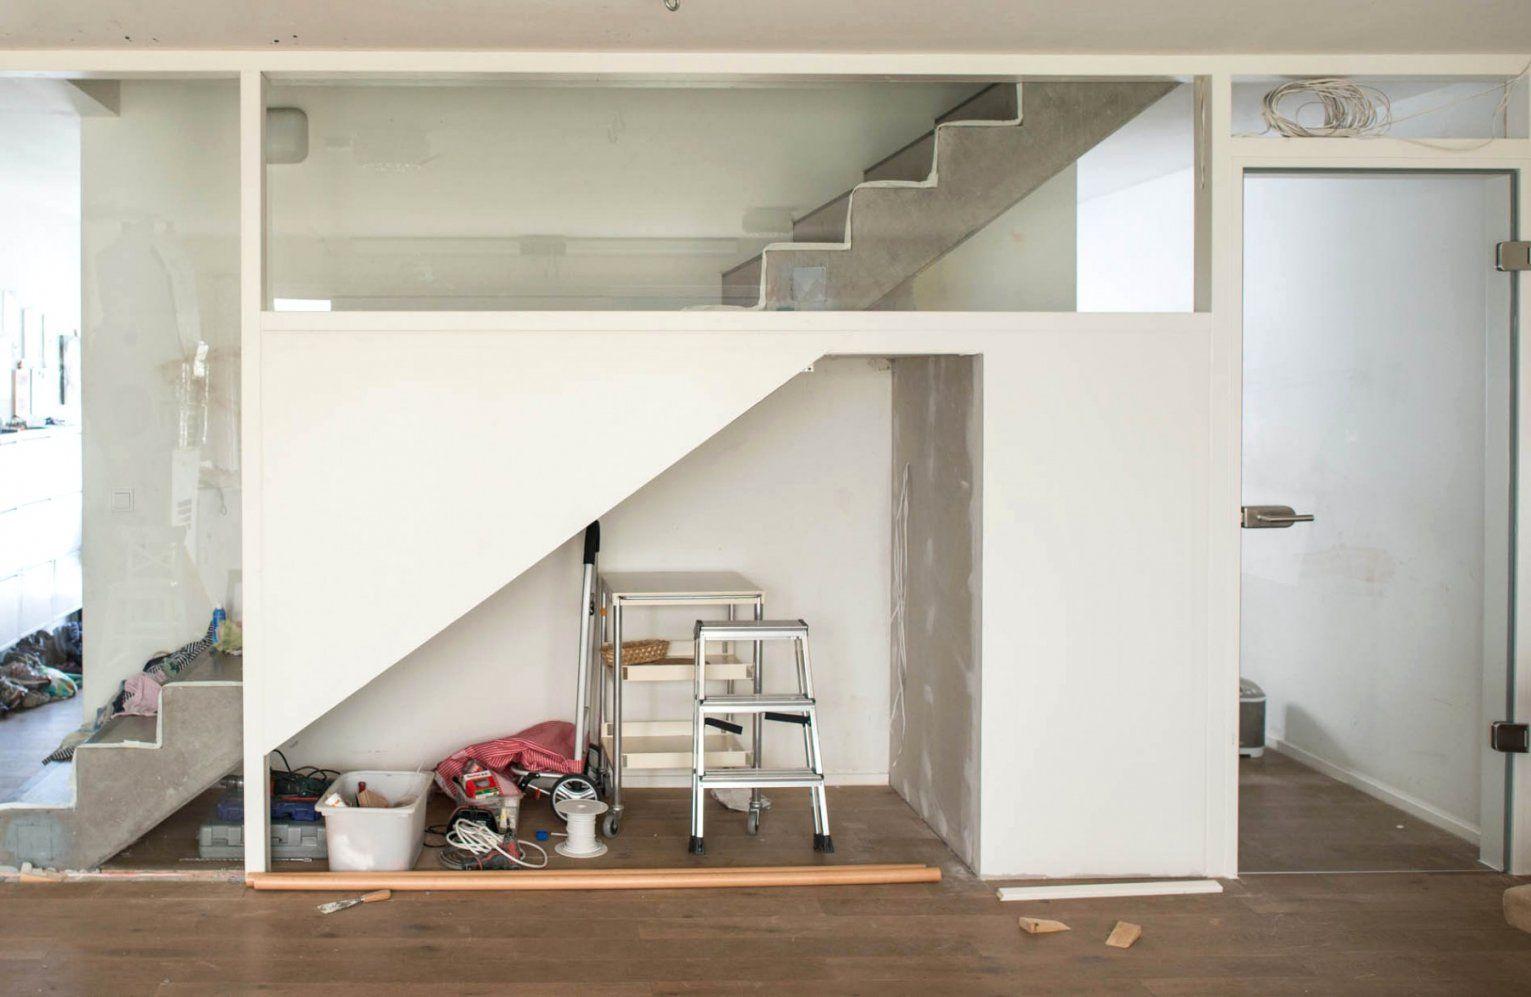 Wunderbar Einbauschrank Unter Der Treppe Mit Viel Stauraum Der von Regal Für Unter Die Treppe Photo